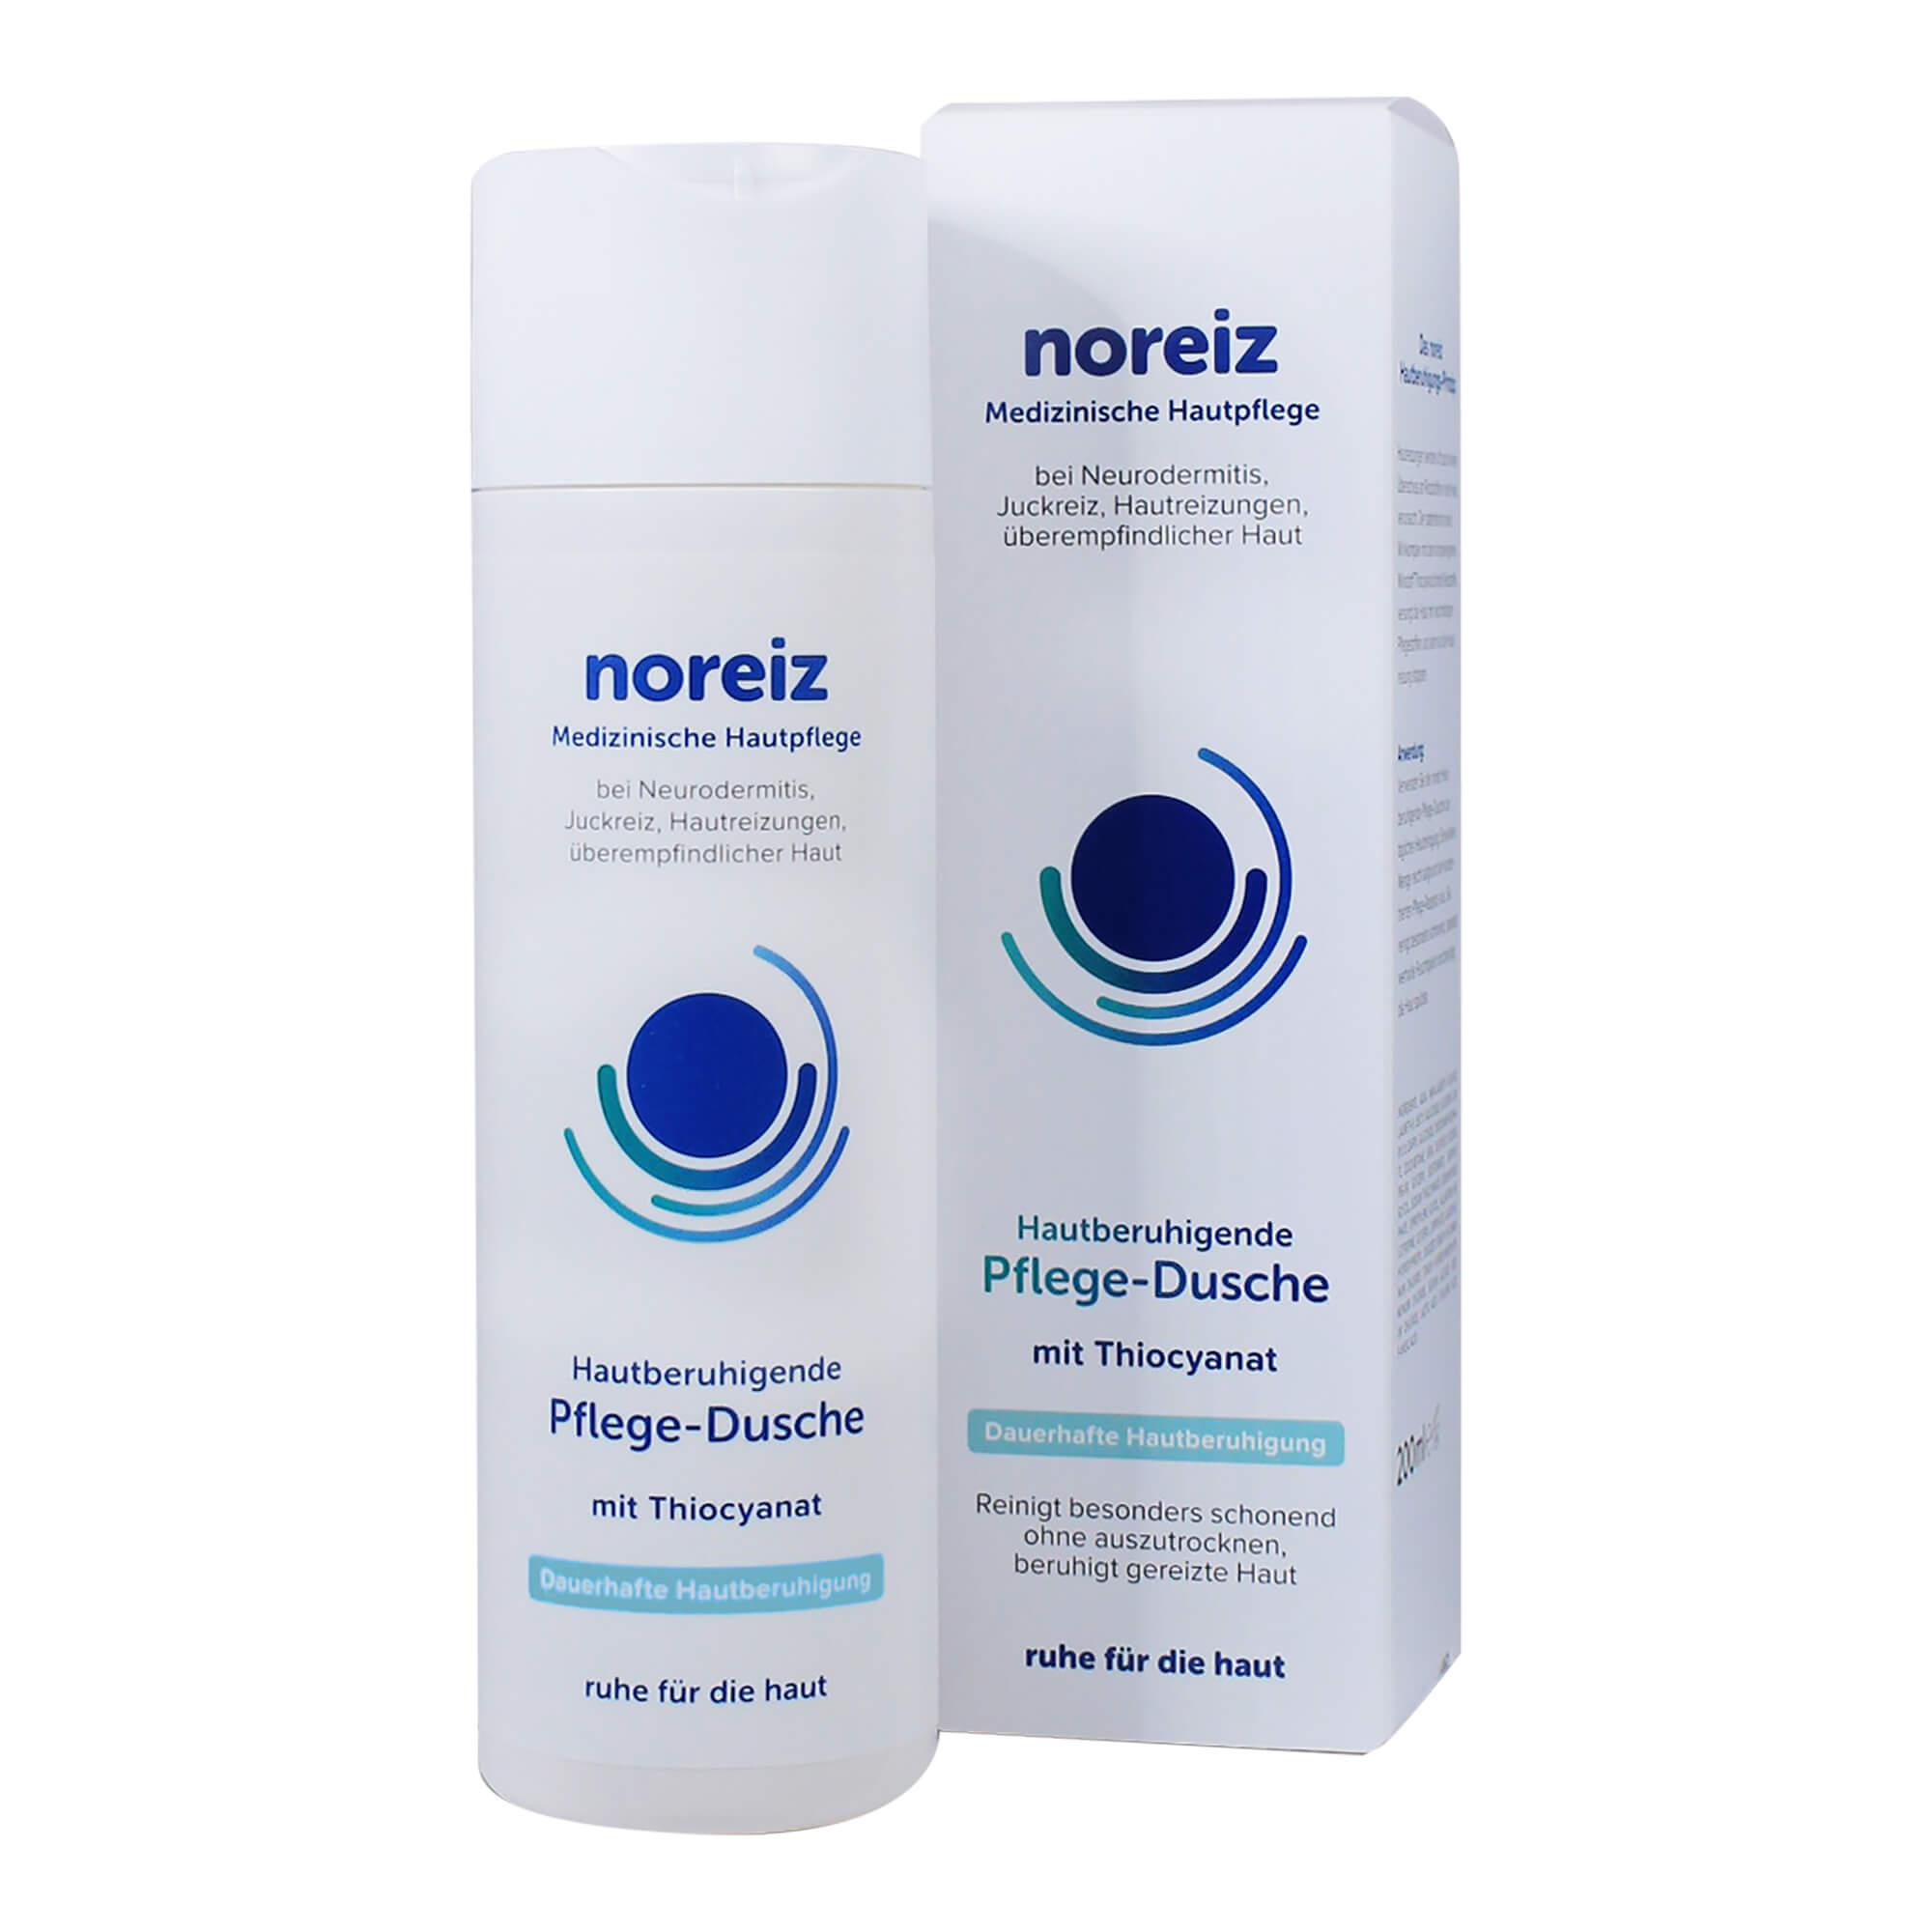 Noreiz Hautberuhigende Pflegedusche